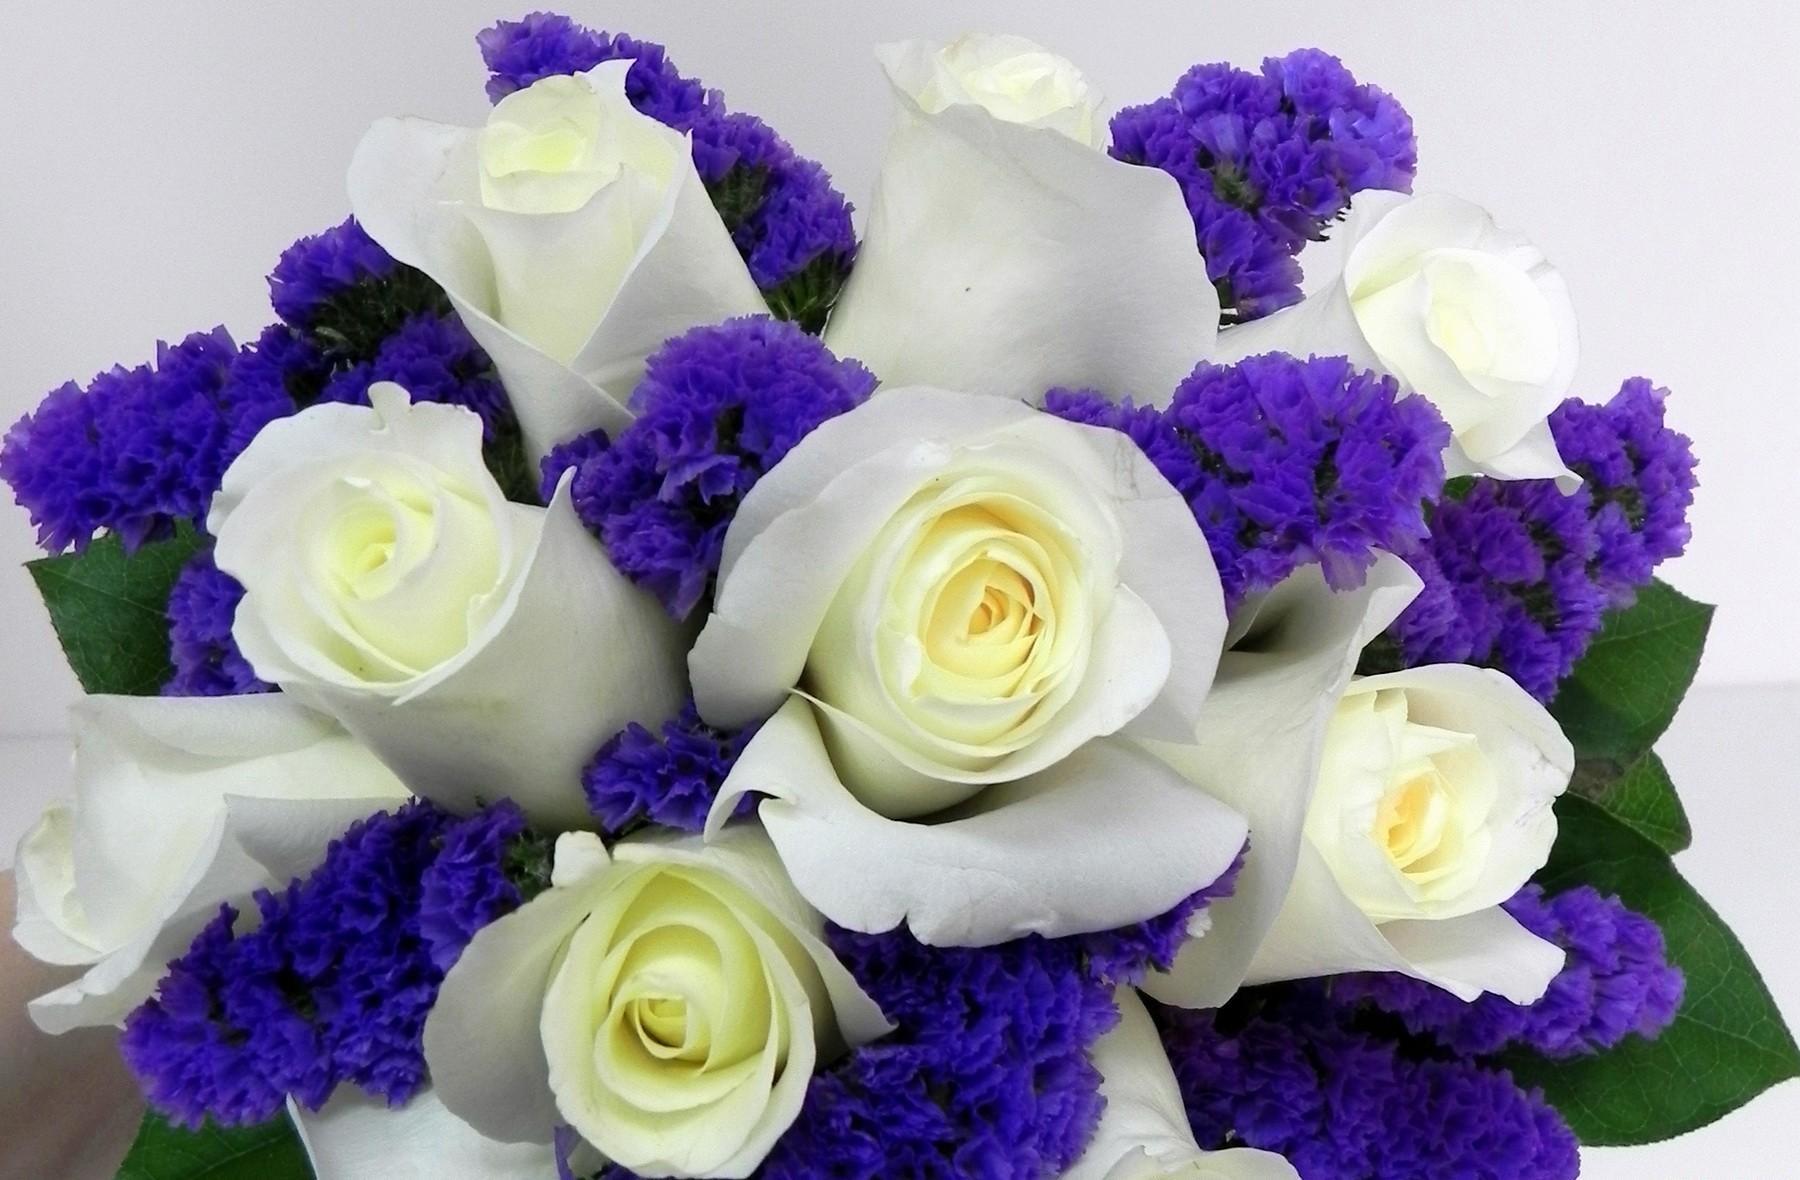 113575 скачать обои Цветы, Букет, Сочетание, Розы - заставки и картинки бесплатно